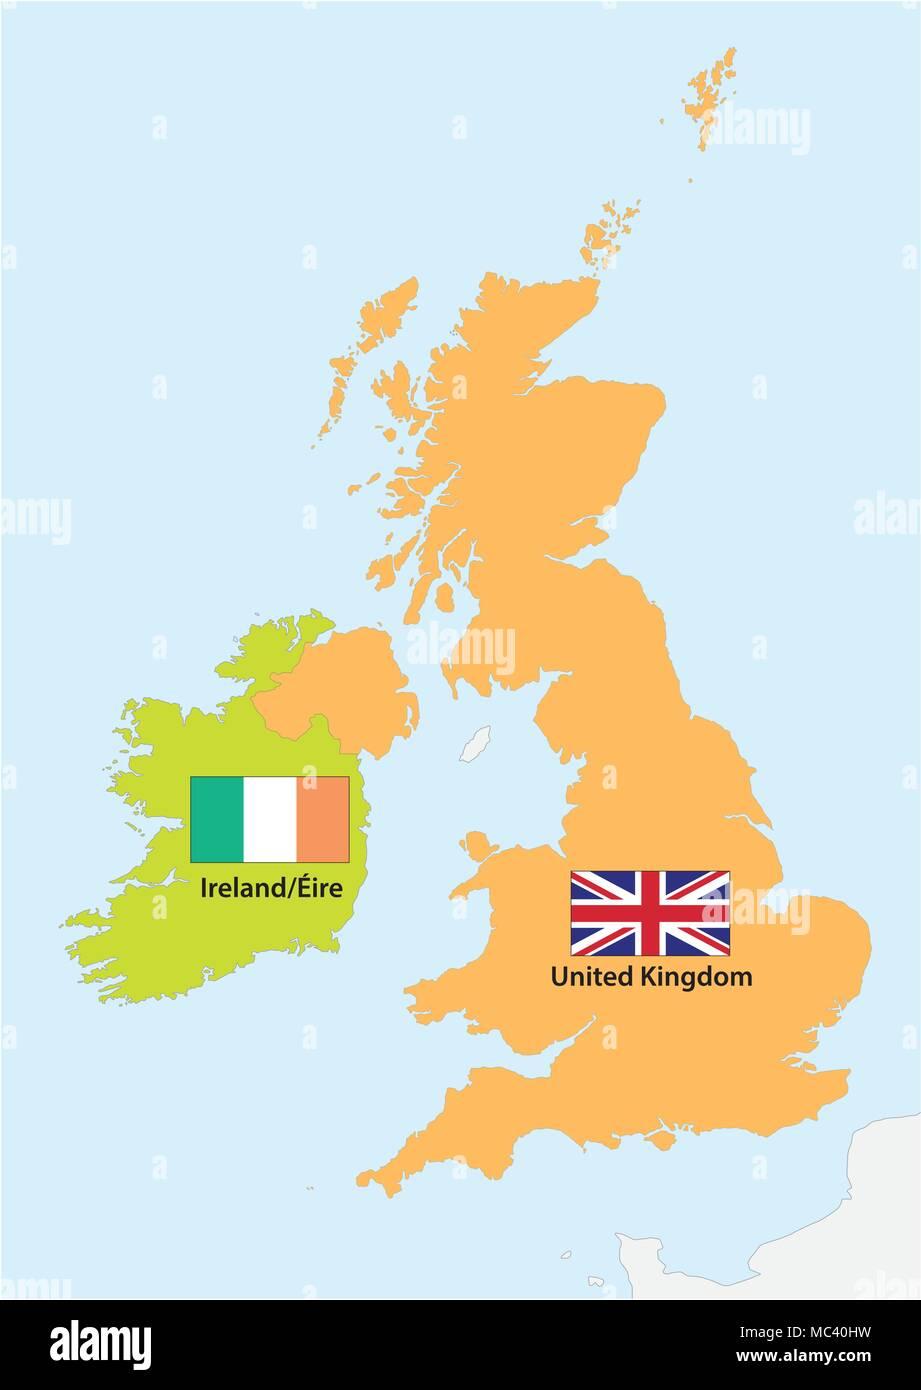 Einfache Gliederung Vektor Karte von Irland und dem Vereinigten Königreich mit Fahne Stockbild